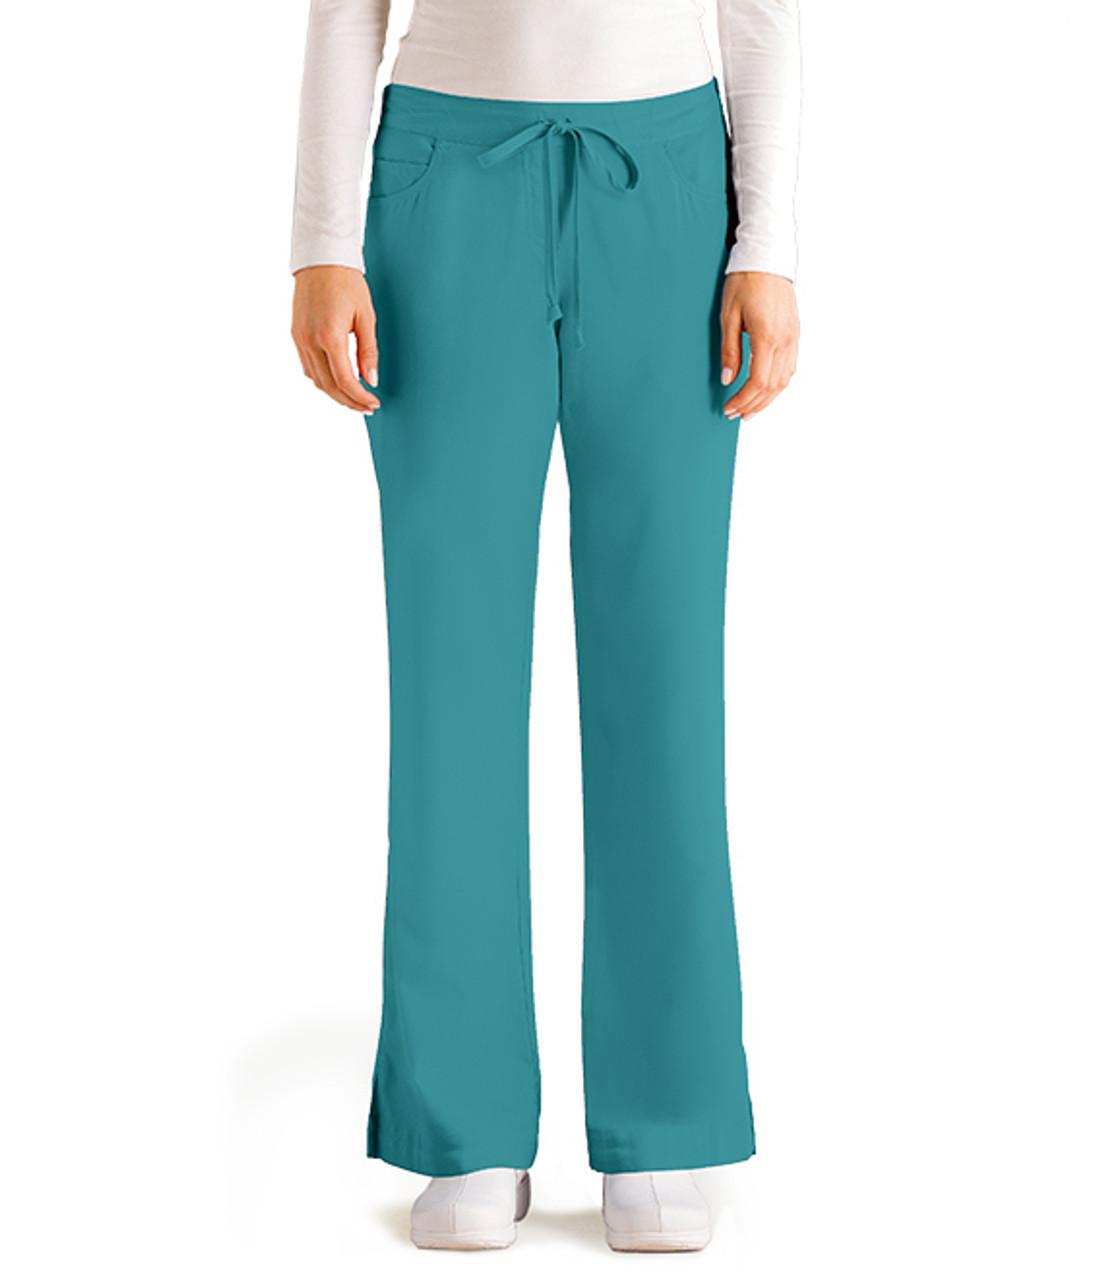 (4232P) Grey's Anatomy Scrubs 5 Pocket Drawstring Pant (Petite)